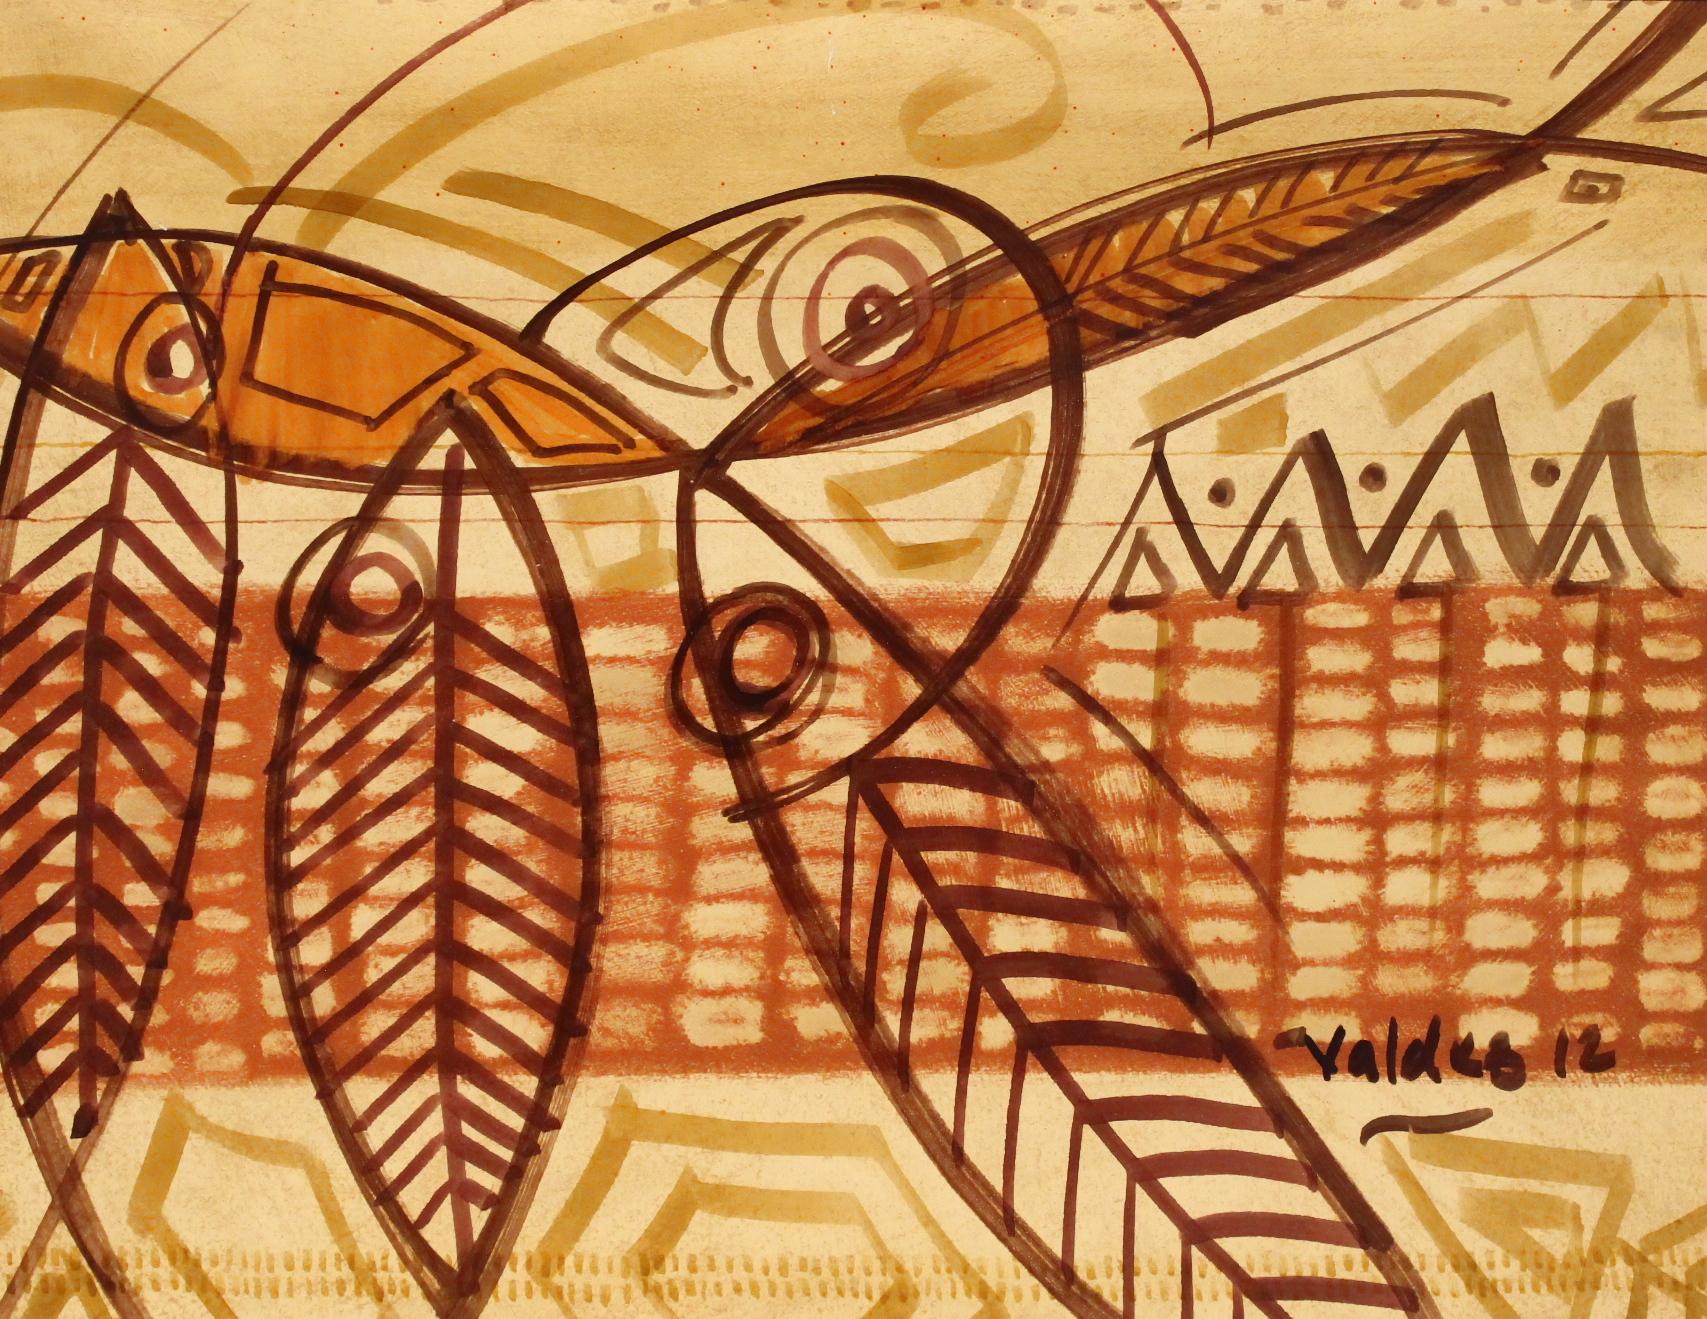 Pez Caribe Drawings